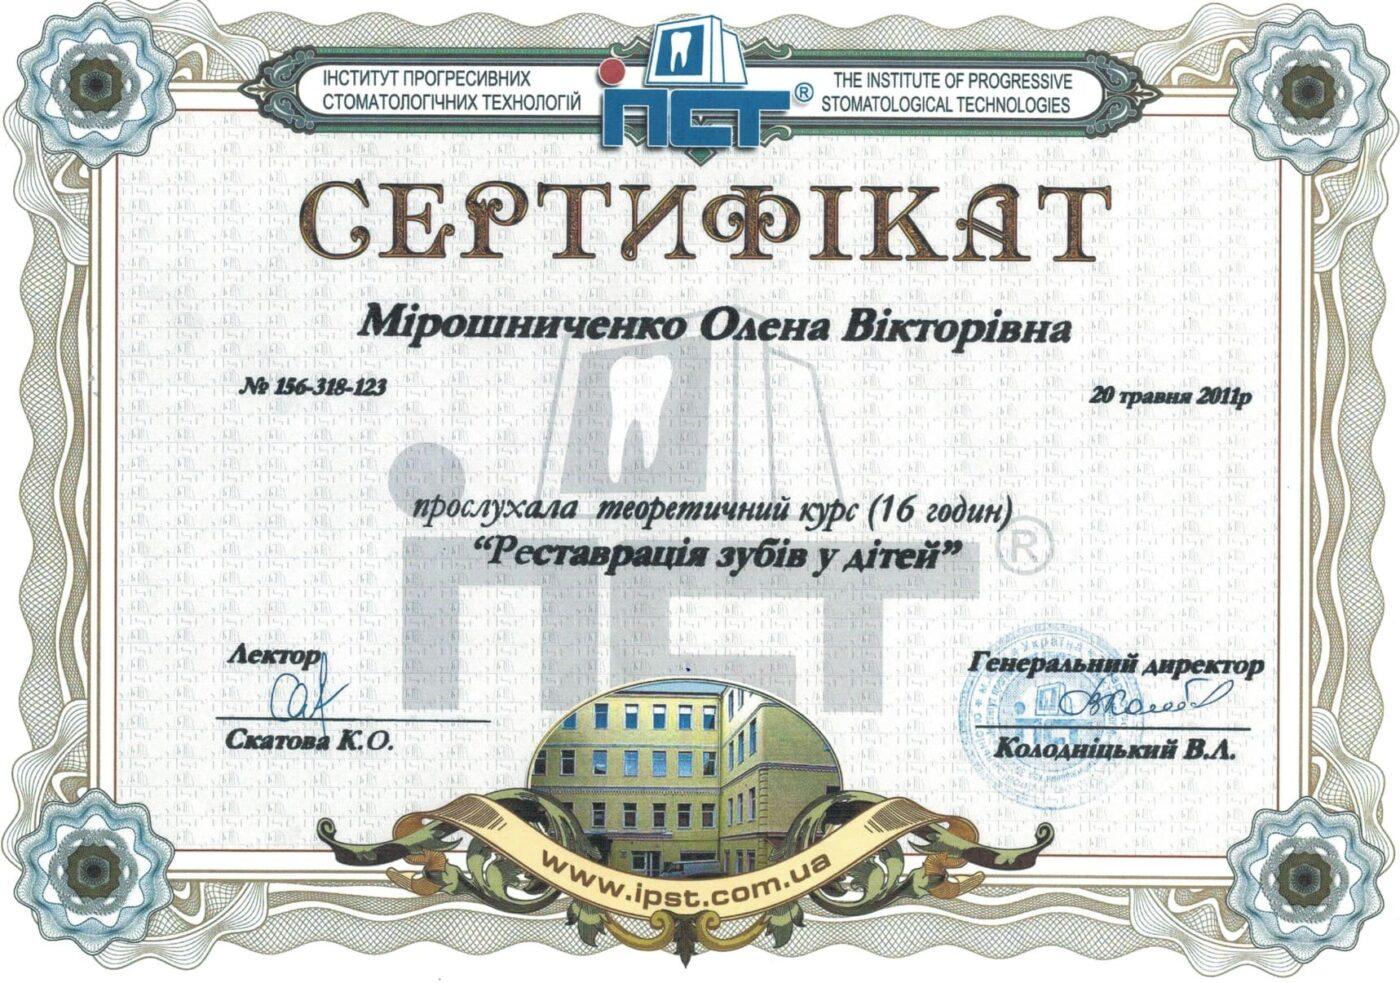 Сертификат подтверждающий участие Алёны Мирошниченко в курсе - Реставрация зубов у детей